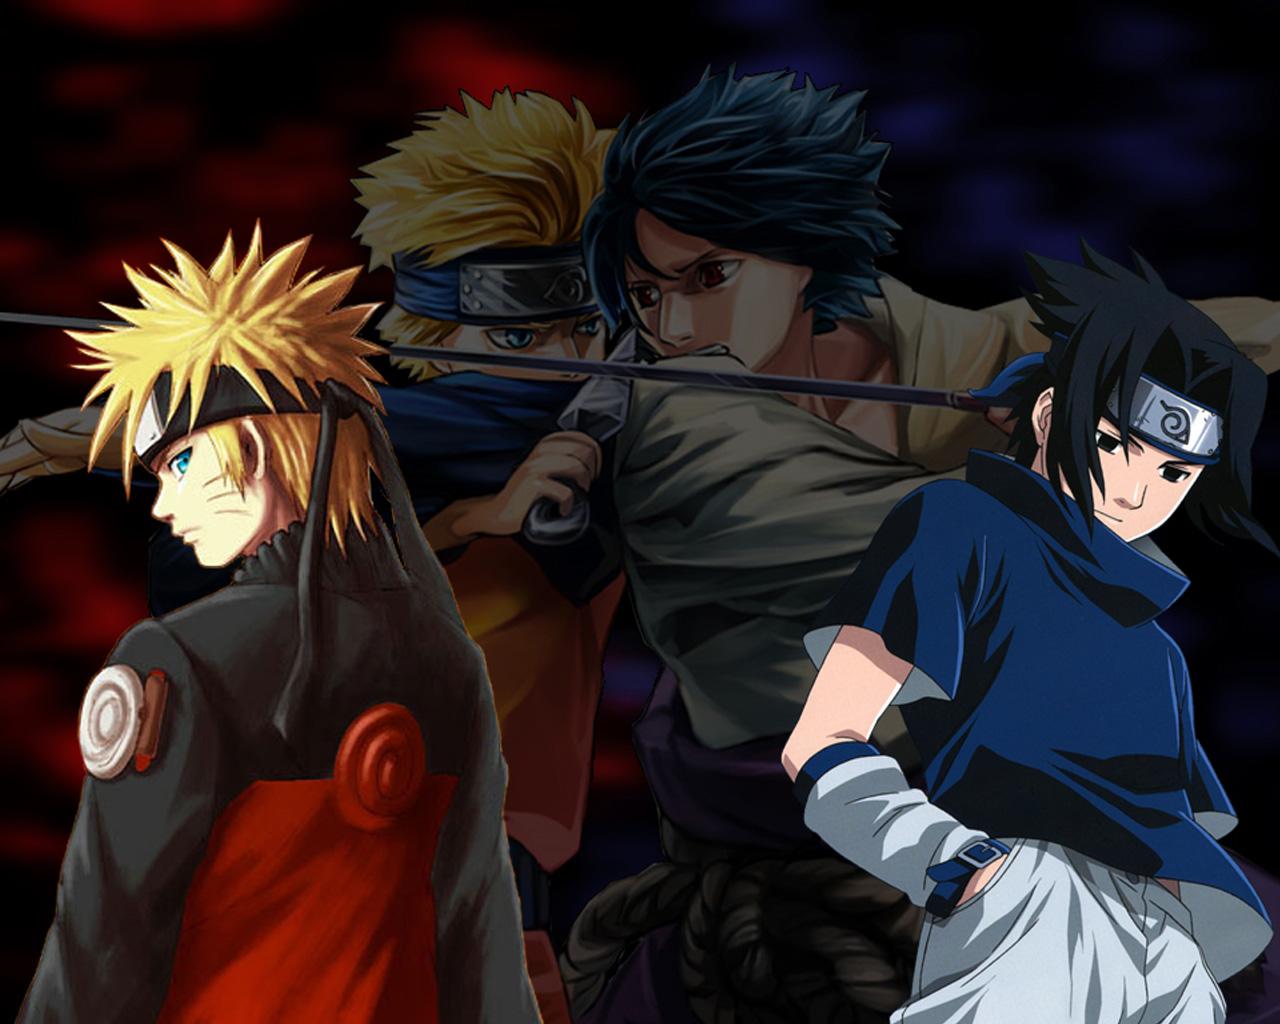 Naruto hokage wallpaper: Naruto shippuden 216